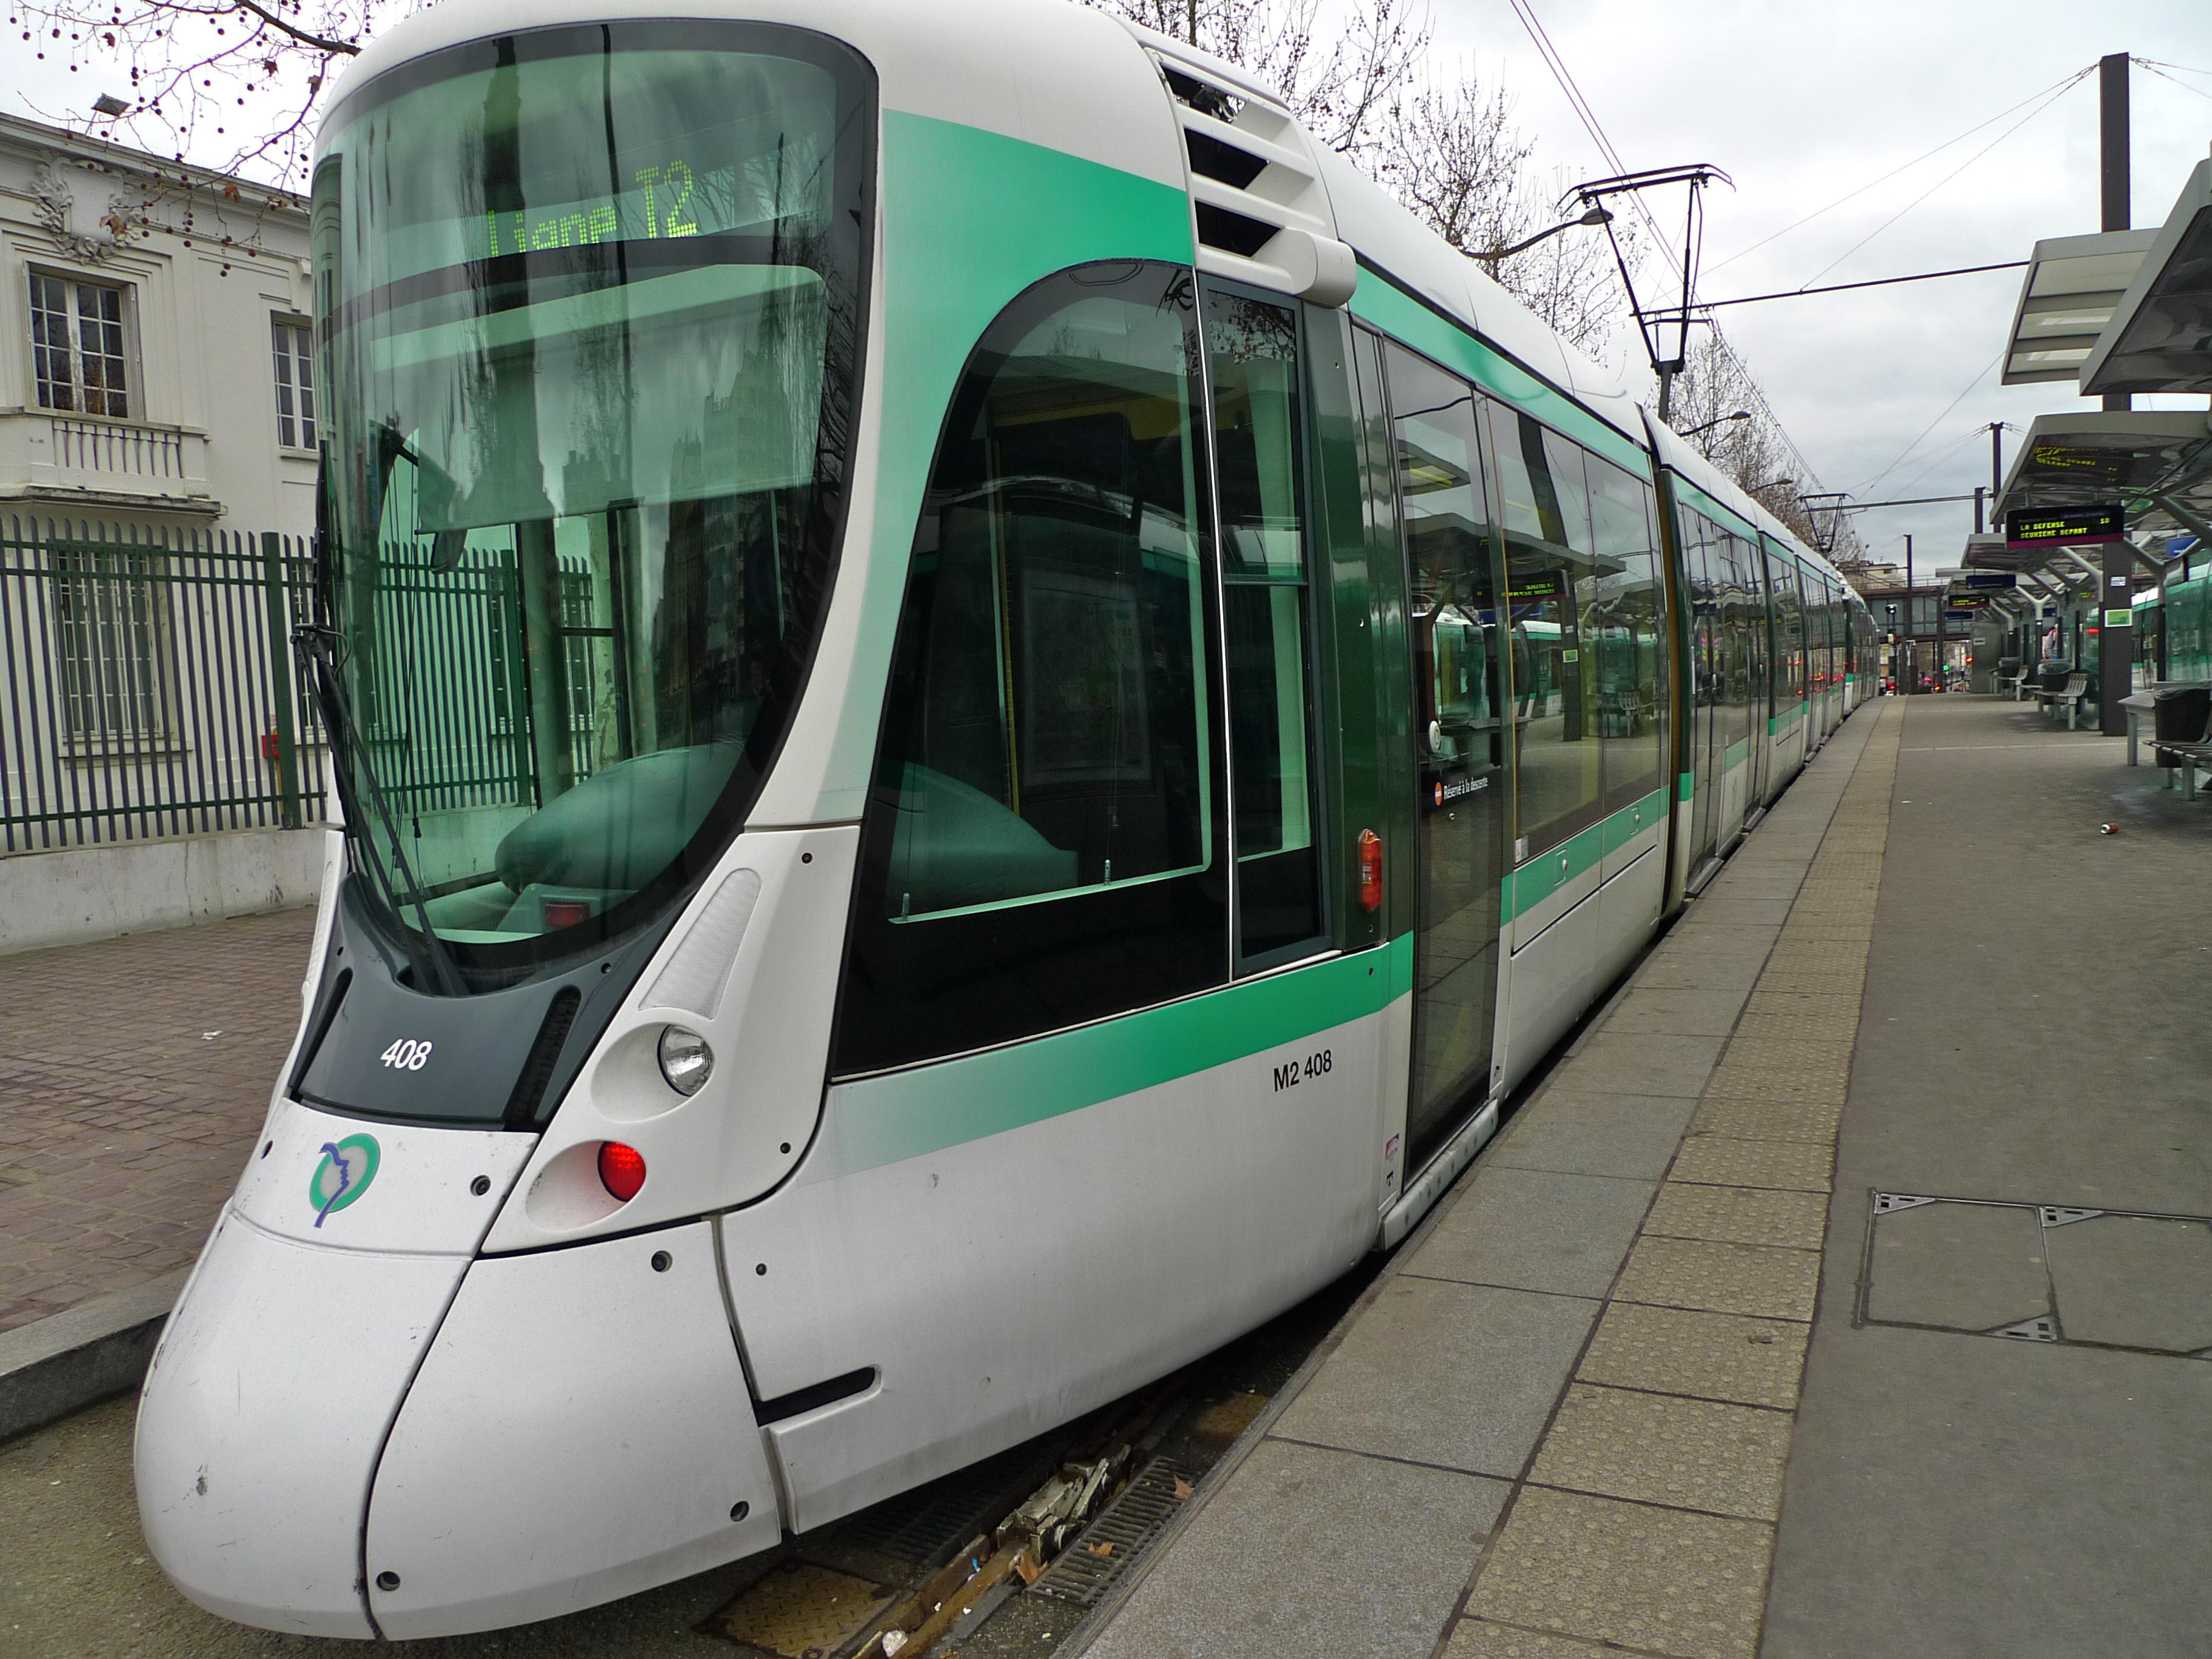 paris trams soundlandscapes 39 blog. Black Bedroom Furniture Sets. Home Design Ideas